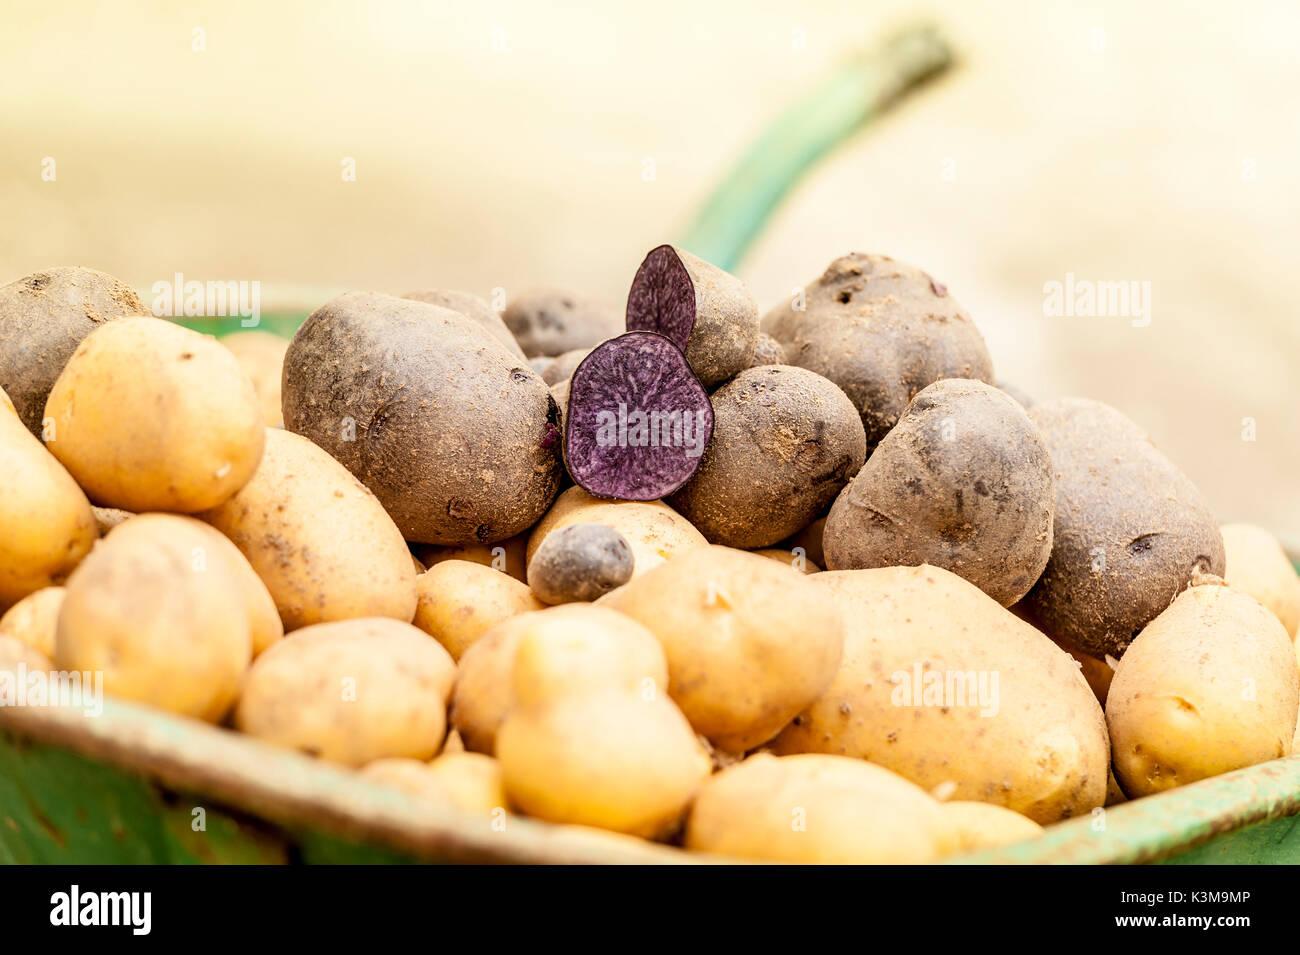 Kartoffel-, Gemüse-, Ernte, produzieren, Bauernhof Stockbild